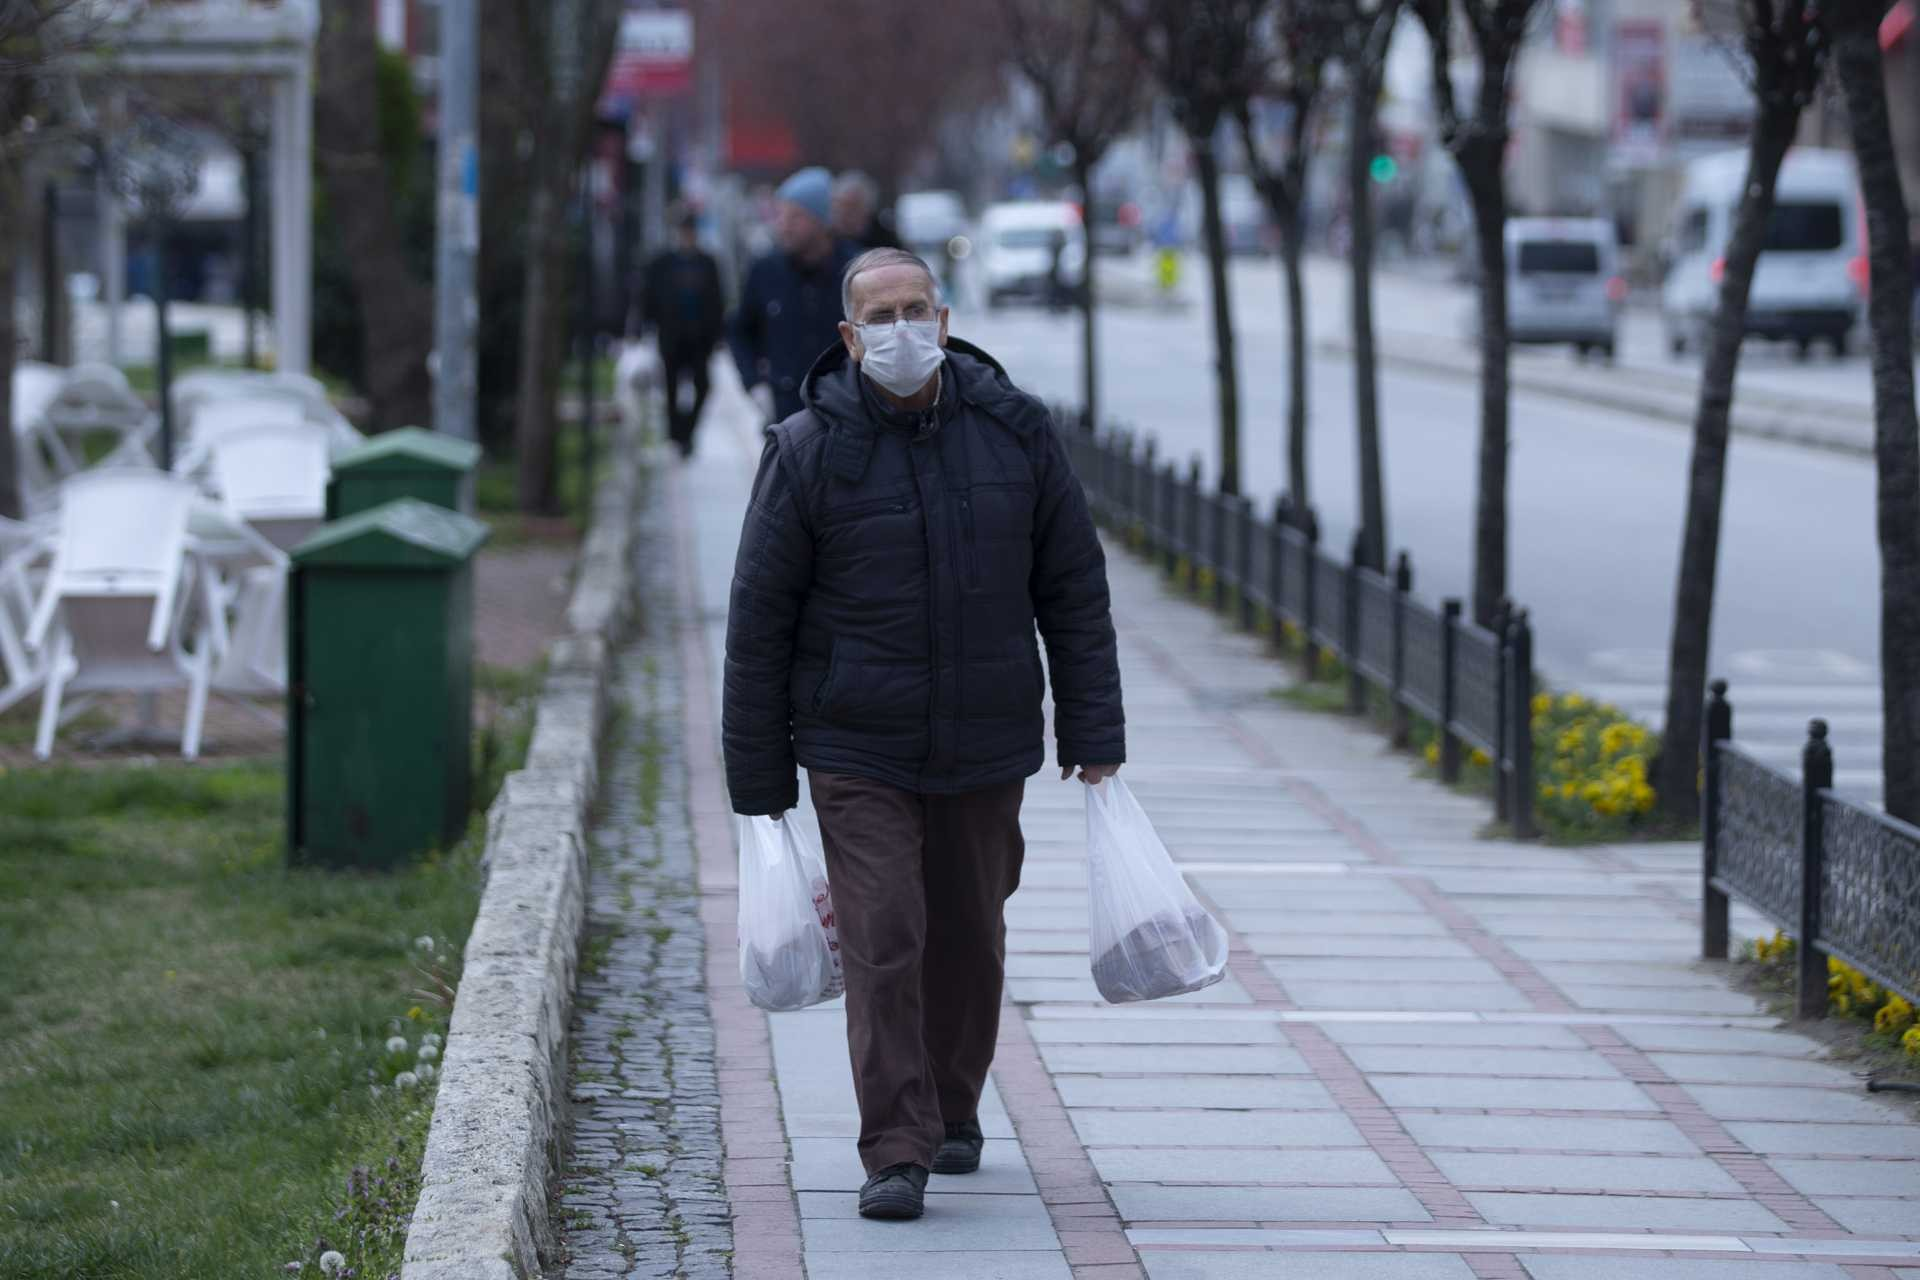 Edirne'de koronavirüs (Kovid-19) salgını dolayısıyla alınan tedbirlerin ardından şehir merkezinde yüzünde maske ile yürüyen bir yurttaş.